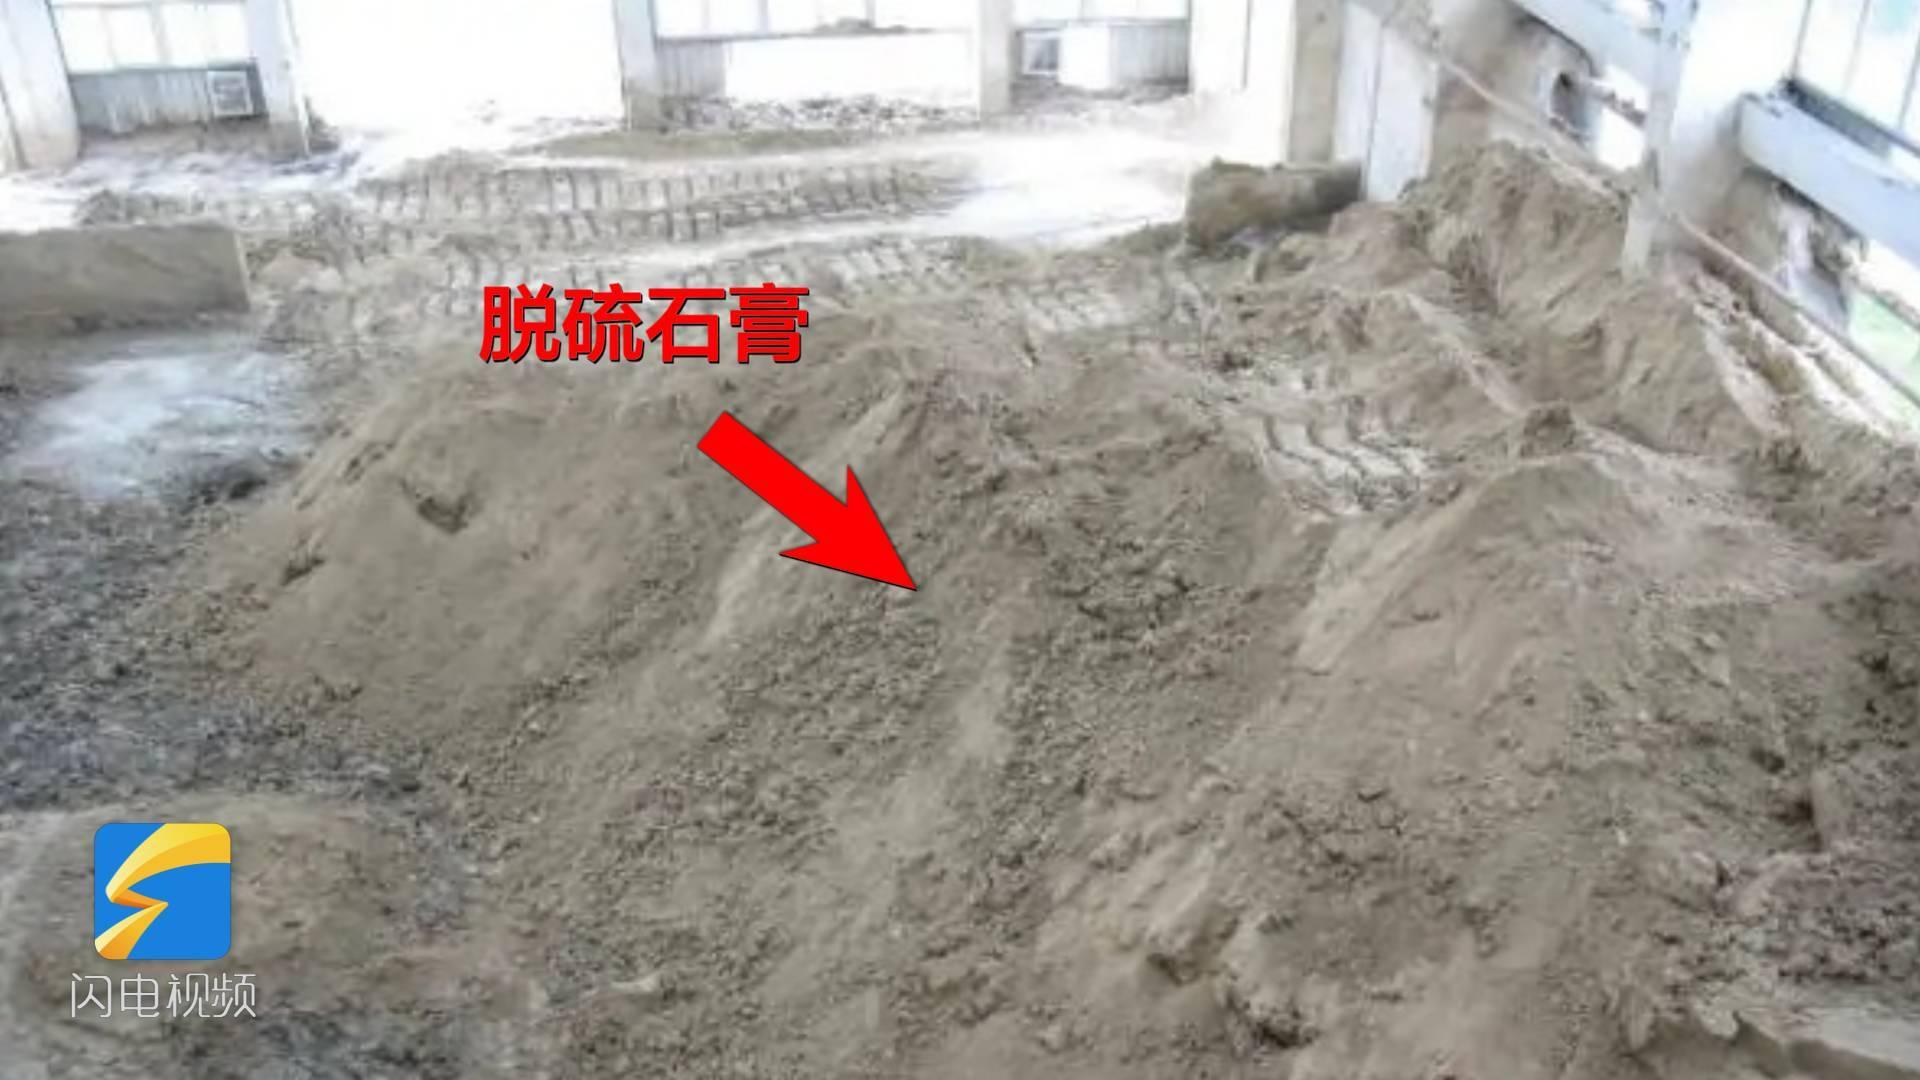 无处安放的固废|滨州村民反映不明灰白色物质被填埋在村里 记者实地调查